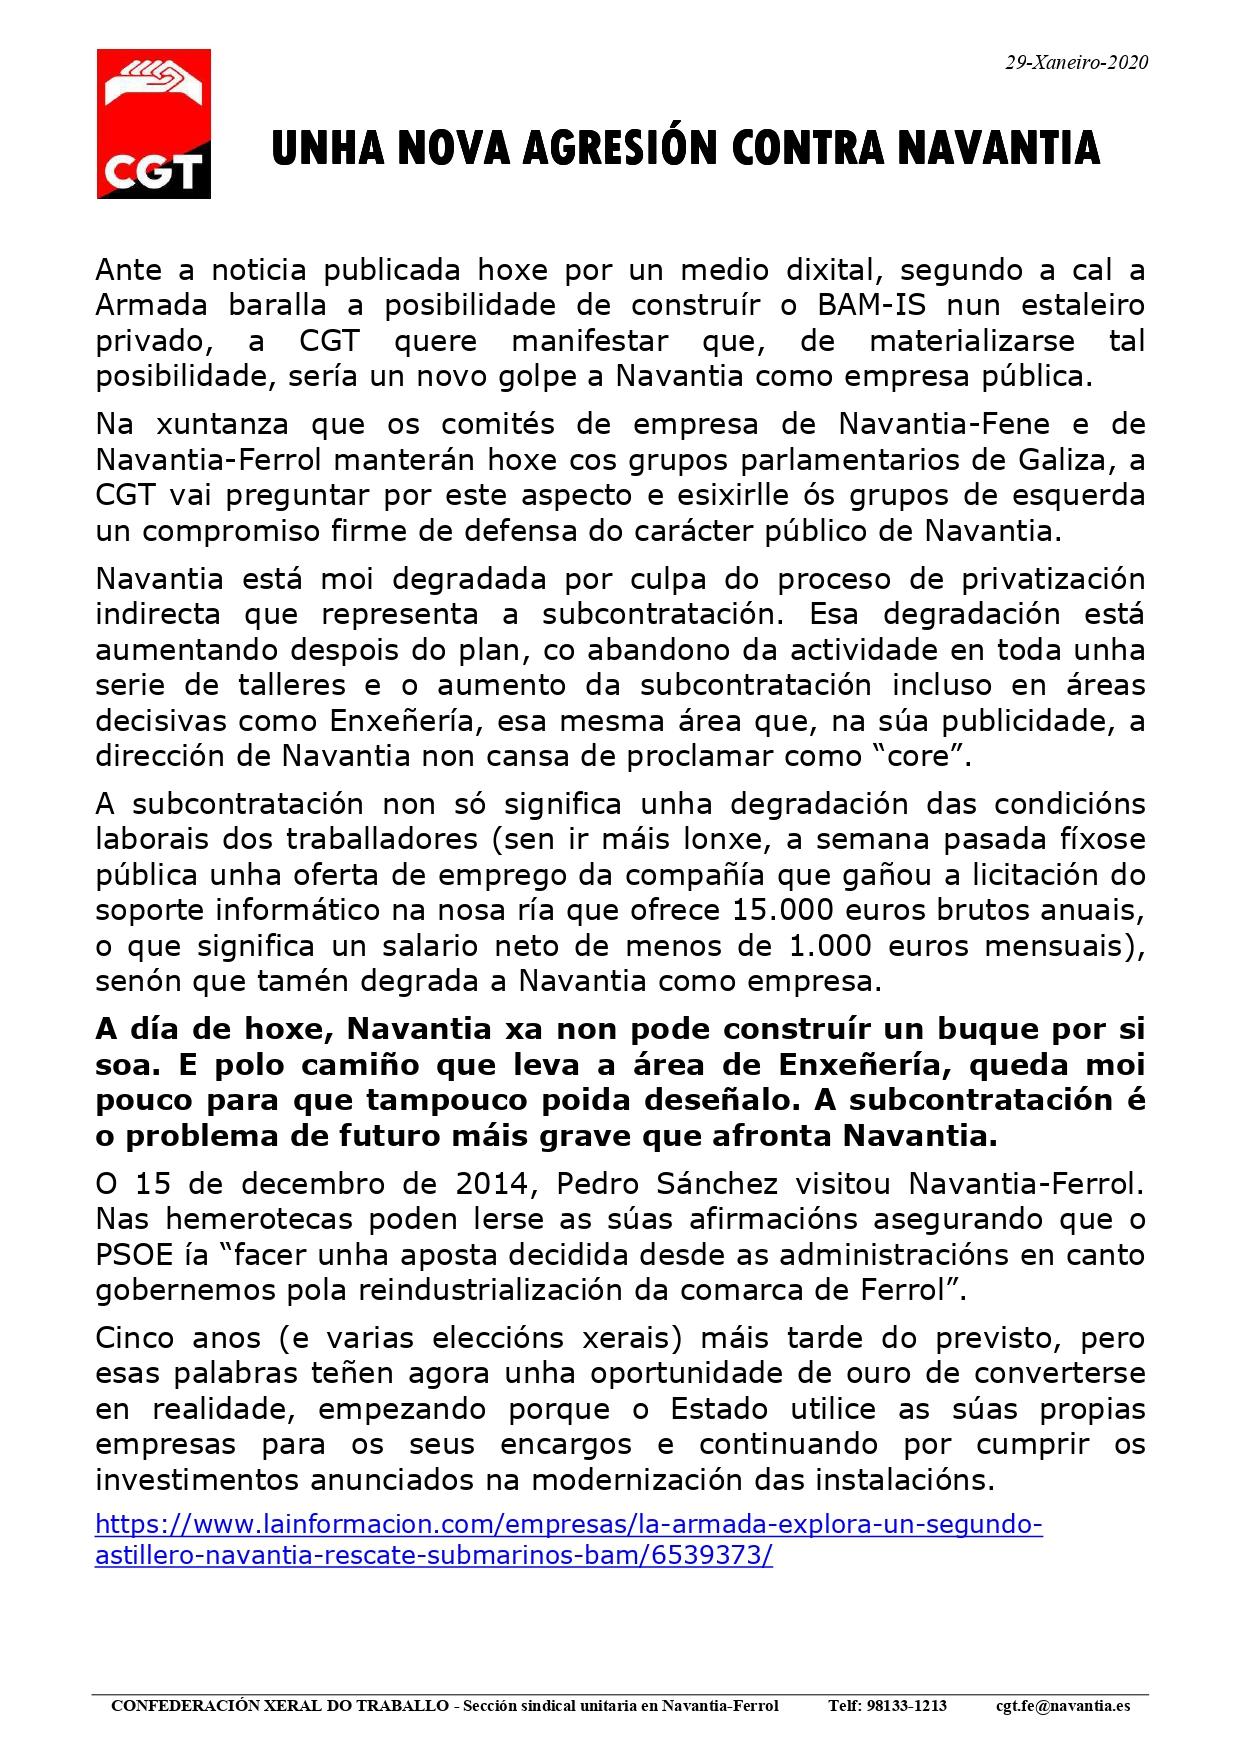 CGT Cartel 2020-01-29 Unha nova agresión contra Navantia_page-0001